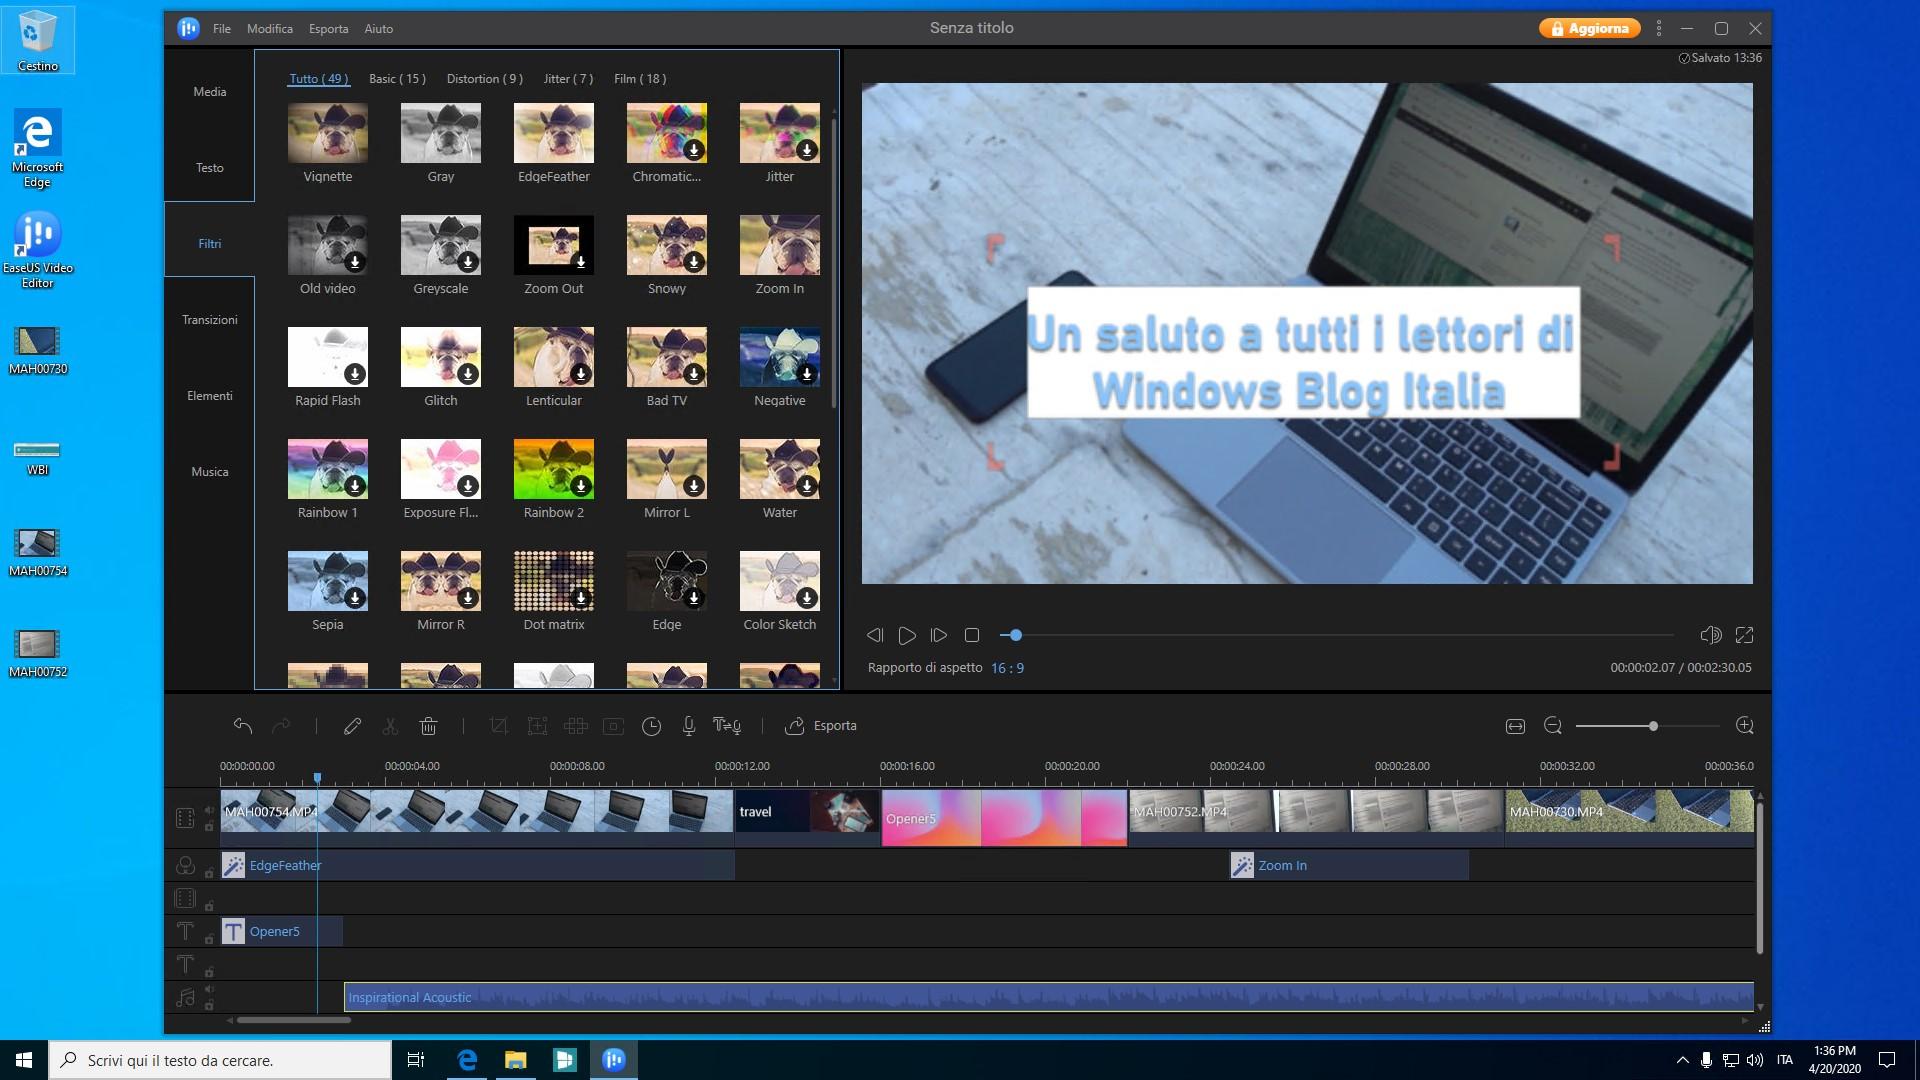 EaseUS Video Editor interfaccia principale di modifica